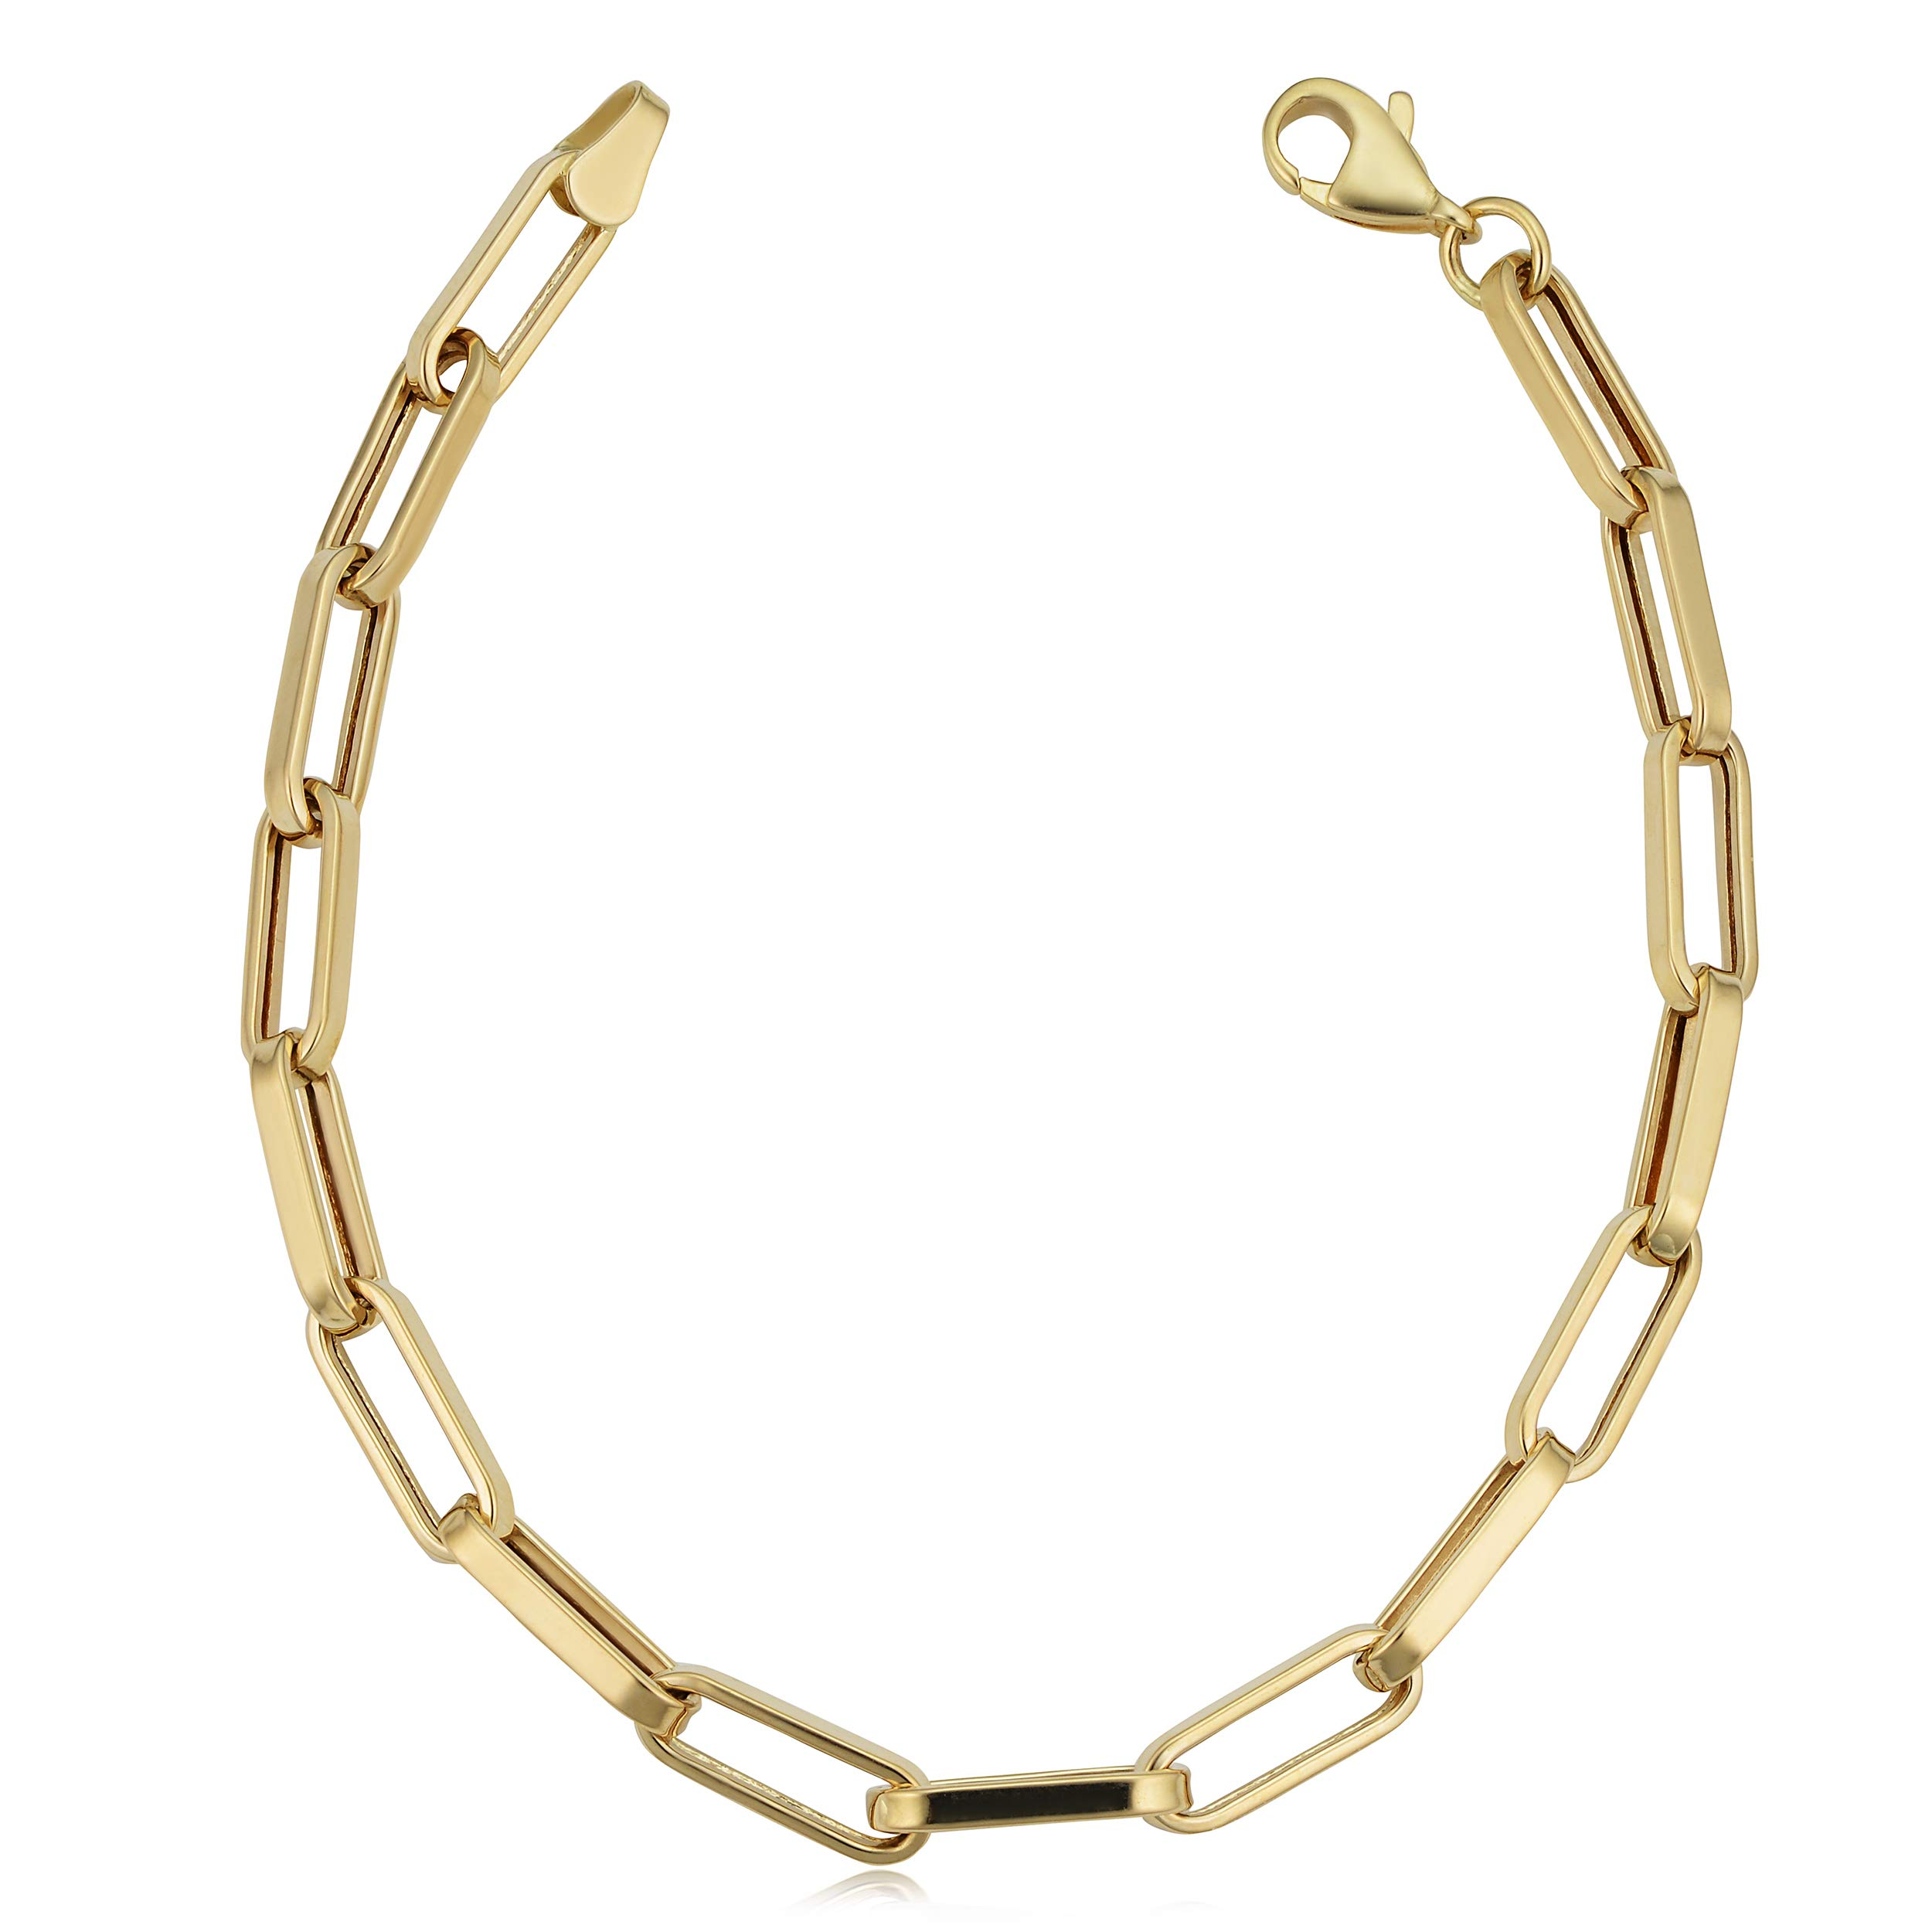 Kooljewelry 14k Yellow Gold Capsule Paperclip Chain Bracelet (4.4 mm, 7.5 inch) by Kooljewelry